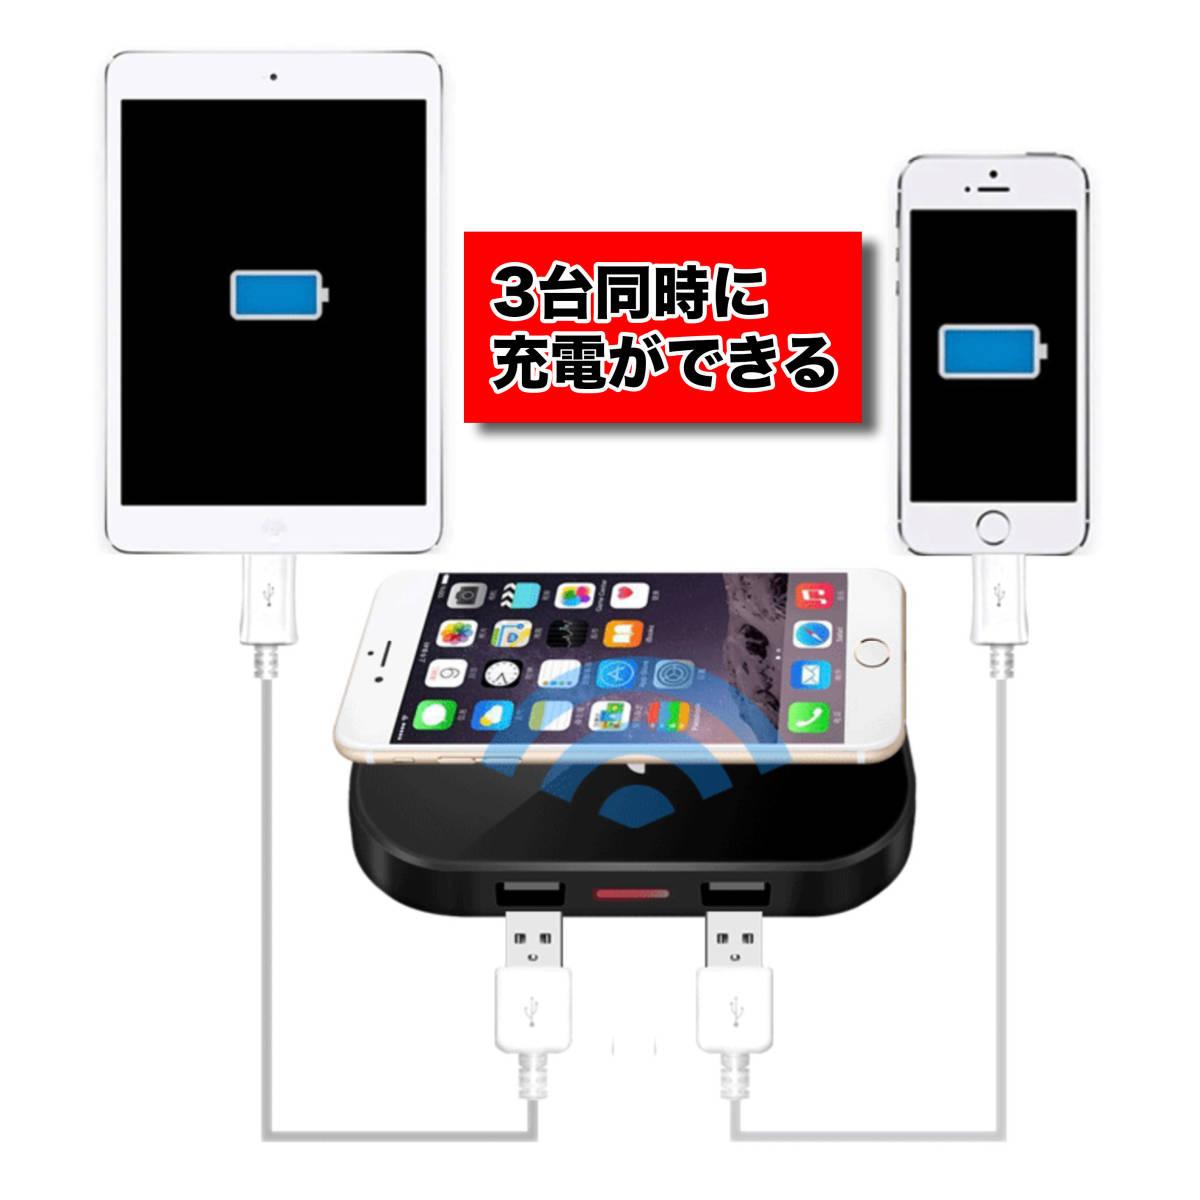 2台セット ワイヤレス充電器 卓上【急速10Wグレードアップ】 折畳み スタンド&おくだけパッド USB出力2口 3台同時充電 [黒&白] _画像2